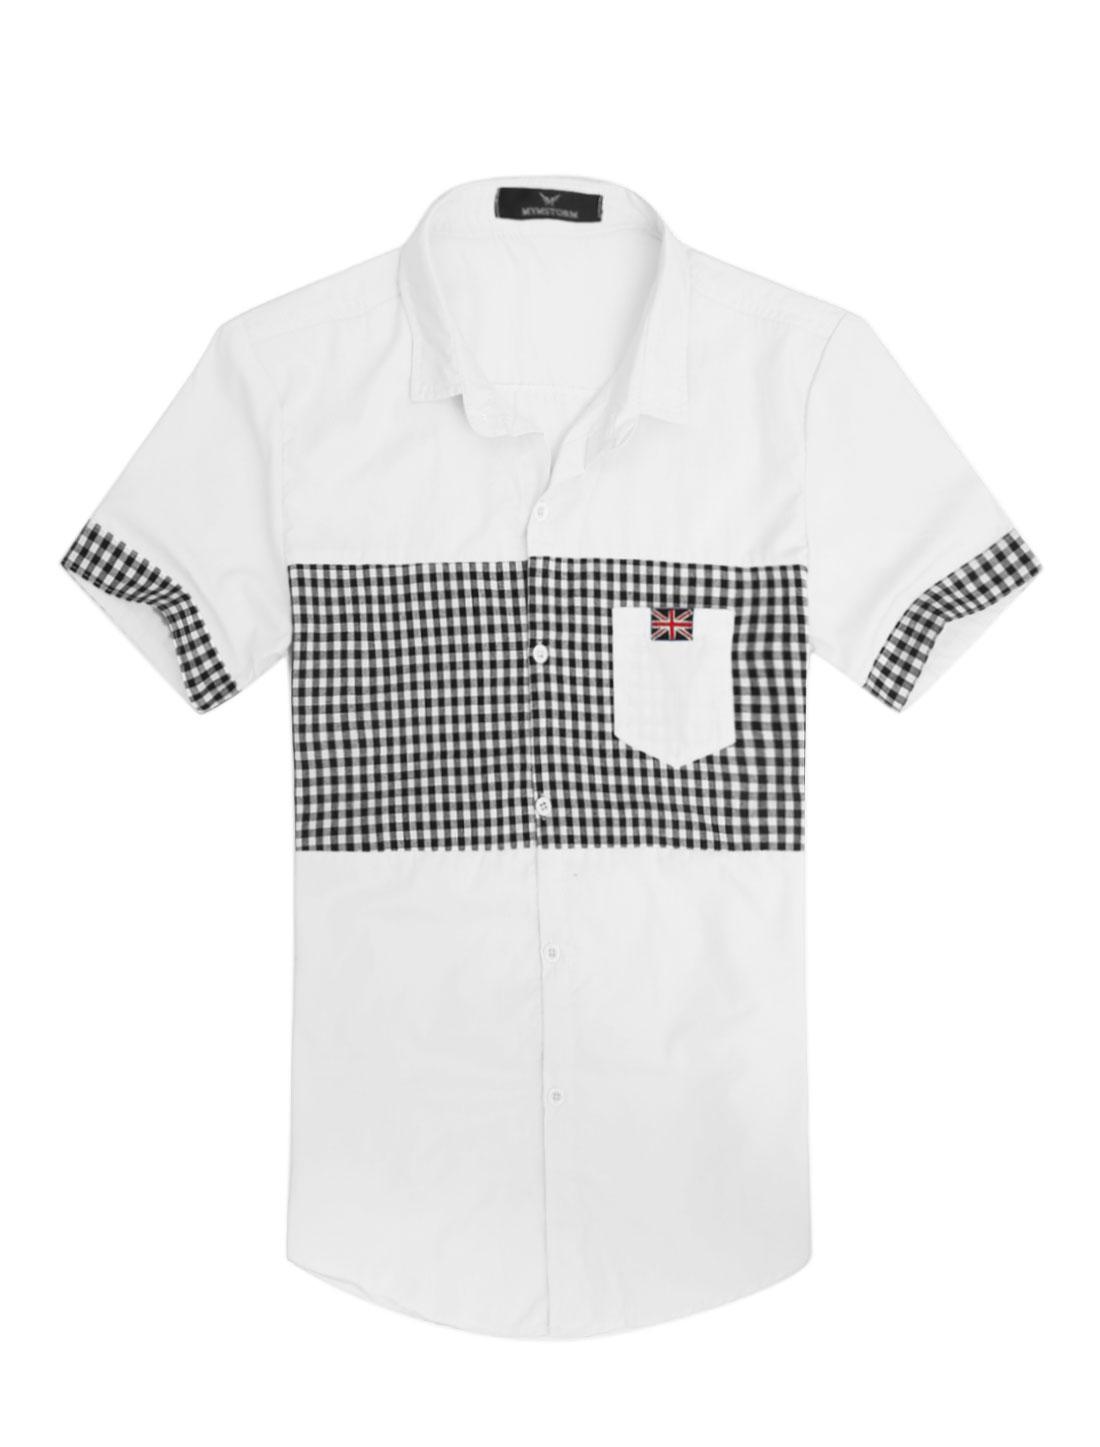 Men Plaids Pattern Union Flag Applique Slim Fit Top Shirt White M